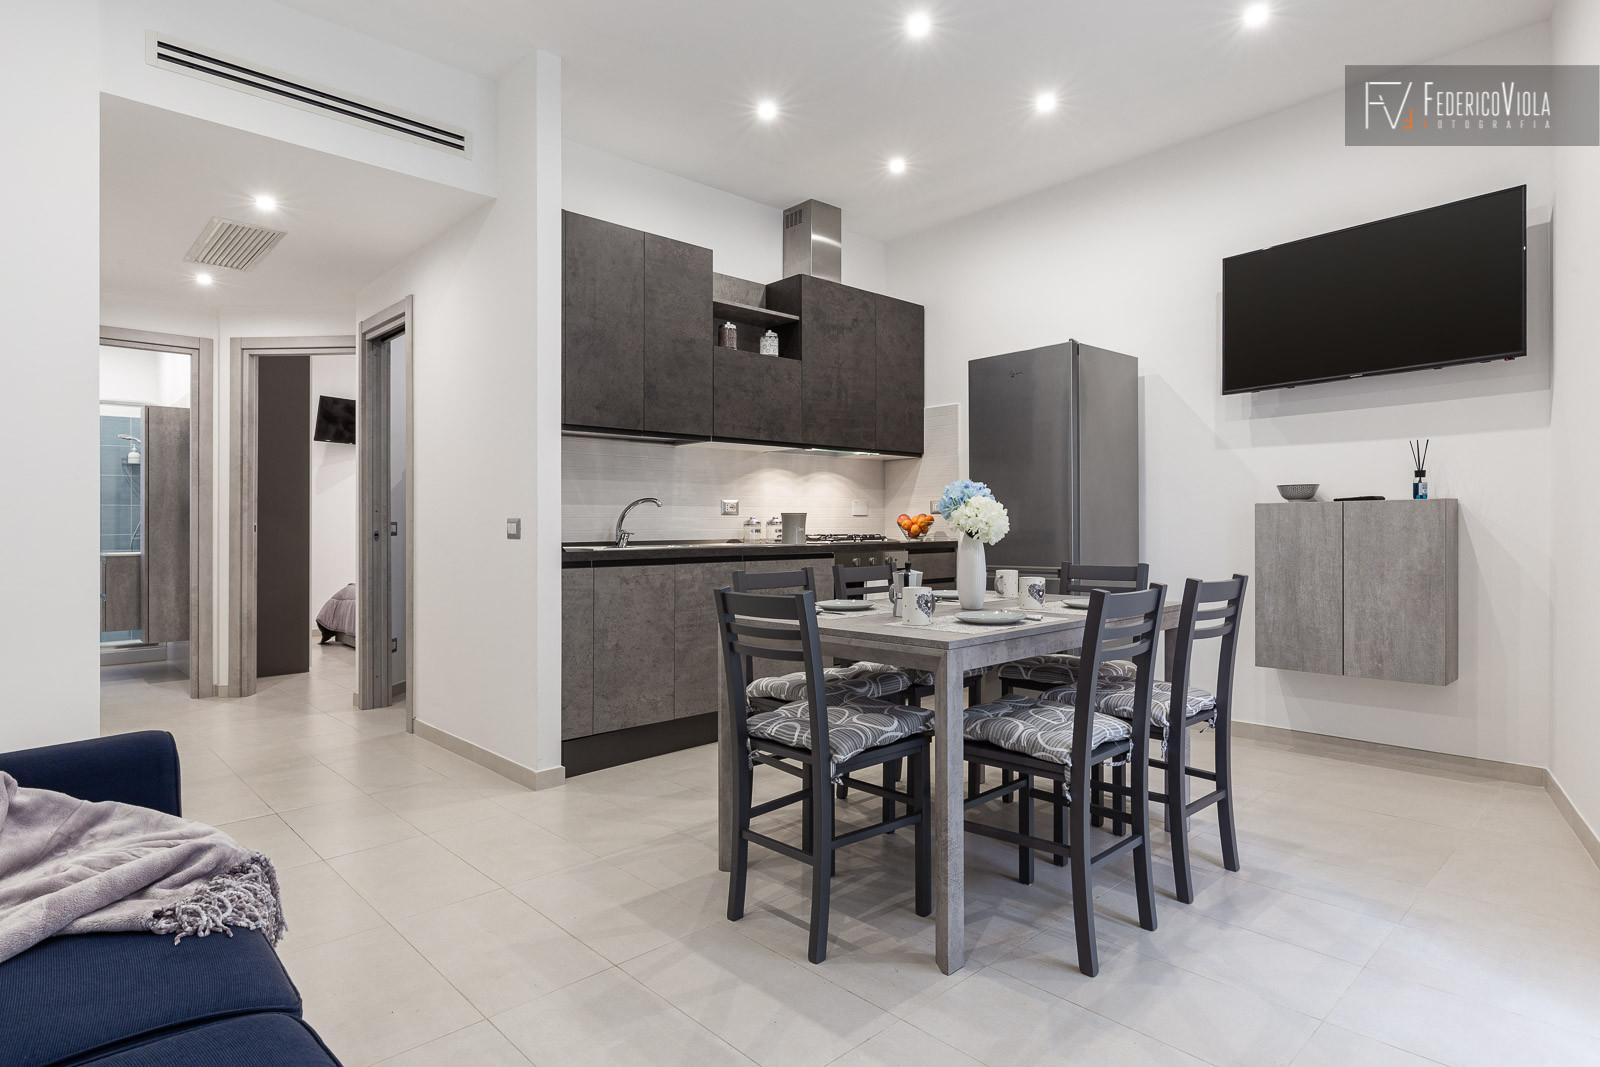 Foto-appartamento-mv-in-affitto-Gaeta.JP